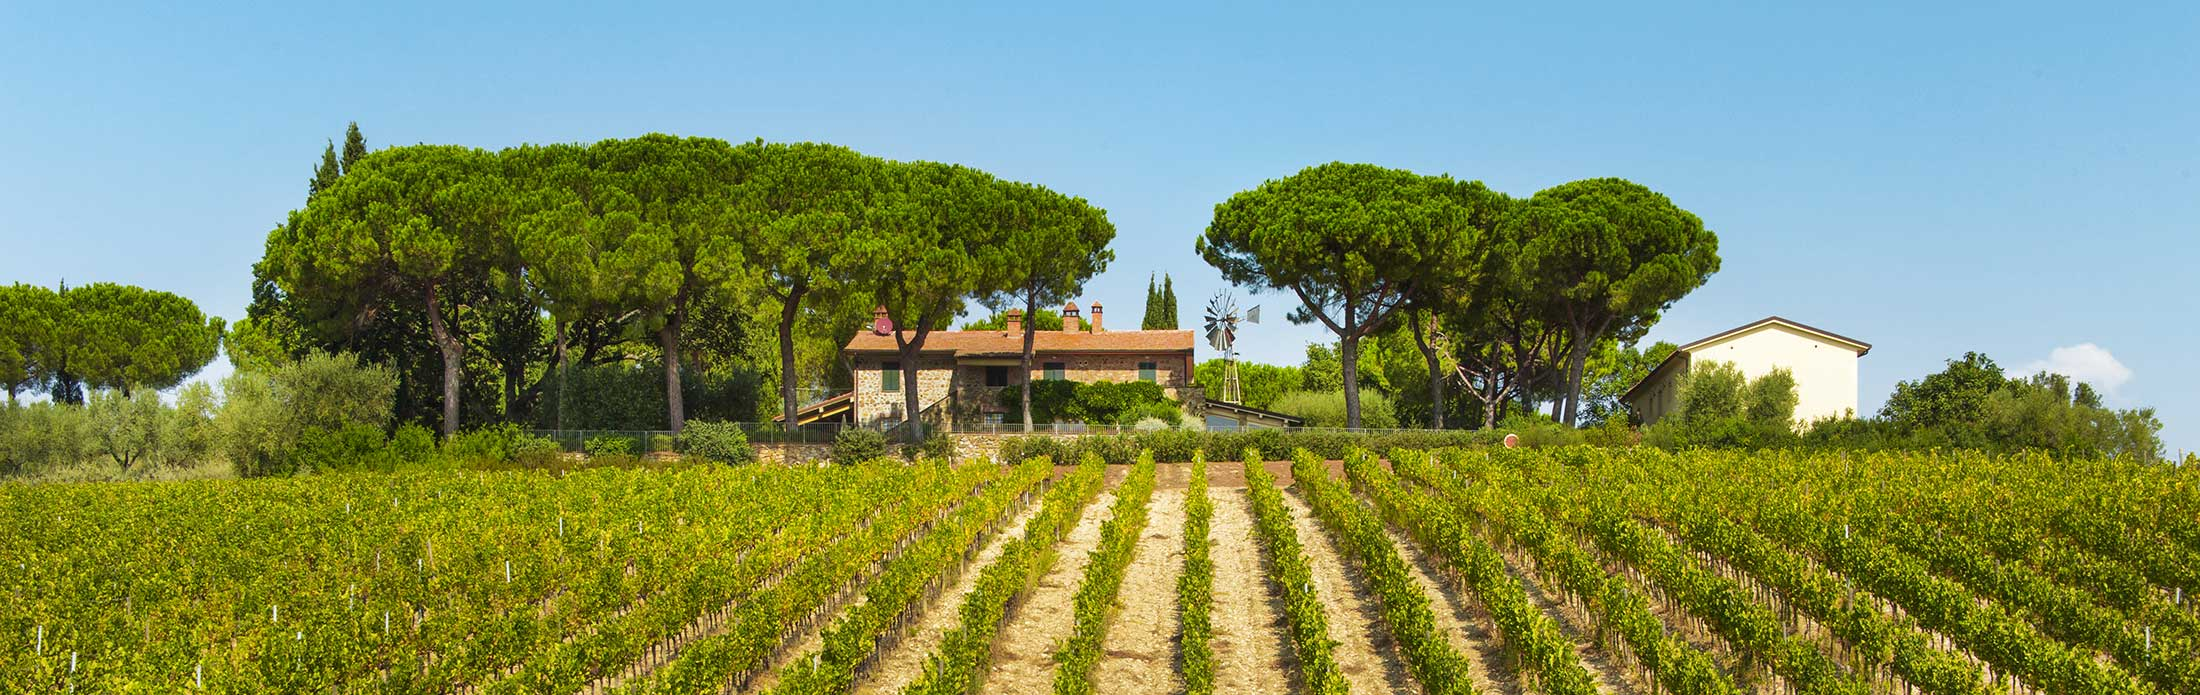 Agriturismo-nel-cuore-della-Toscana